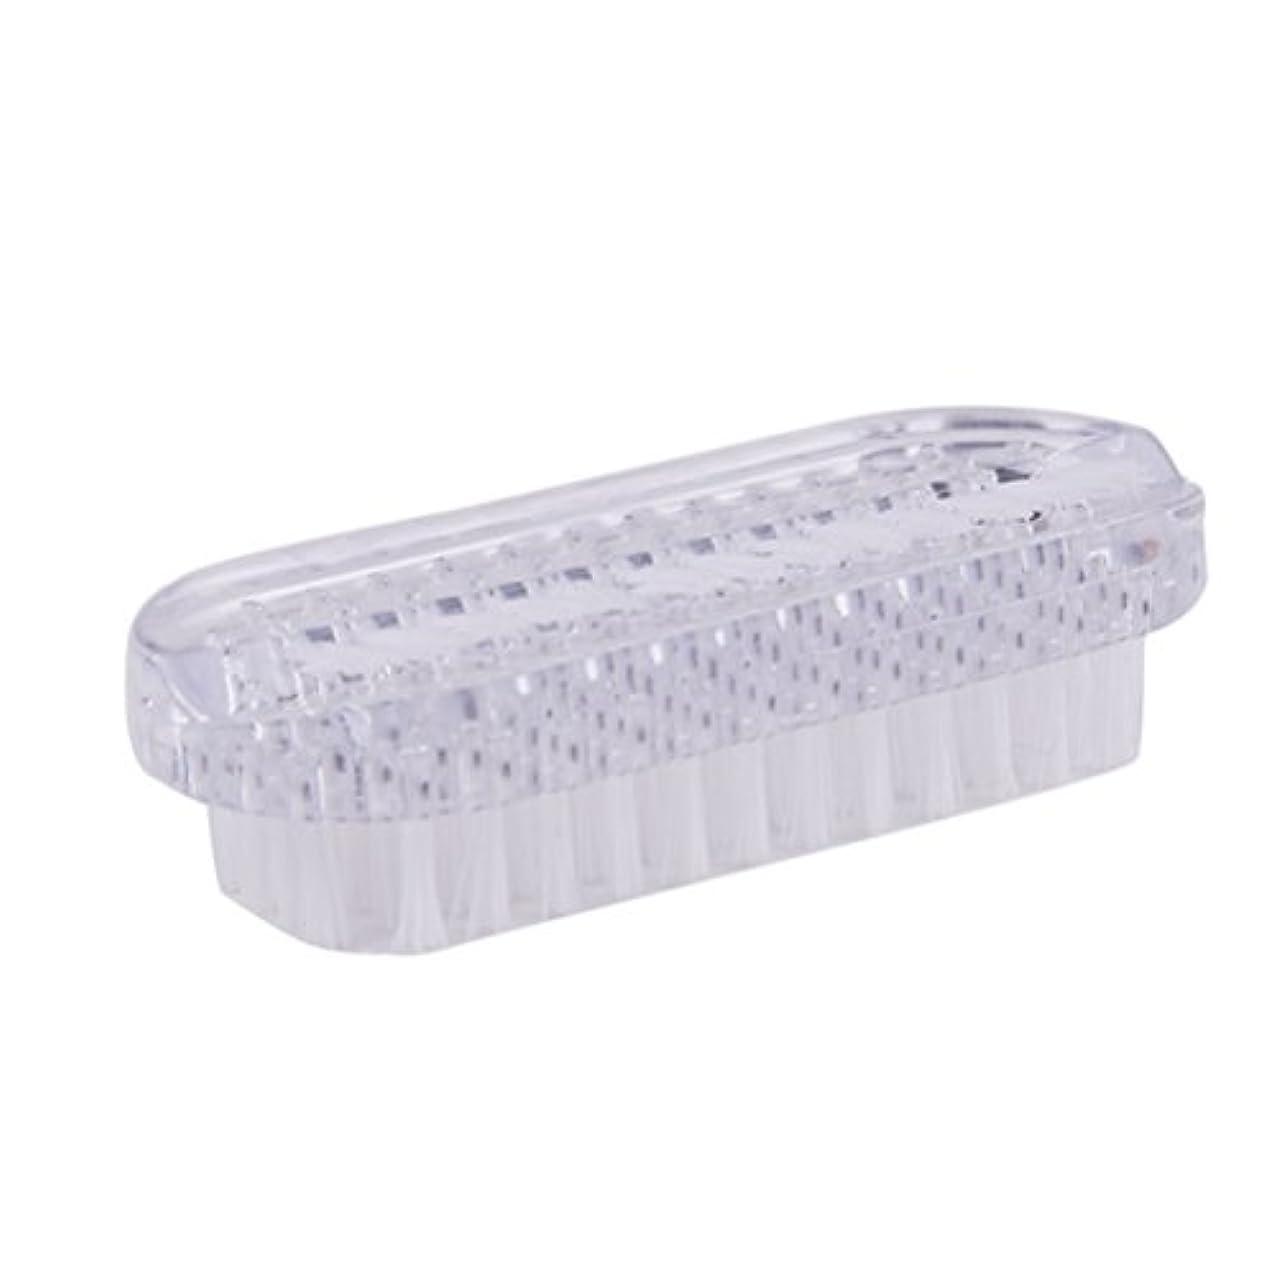 被る性的タップROSENICE ネイルブラシプラスティックネイルスクラブブラシダブルサイドハンドネイルクリーナーブラシ(ホワイト)